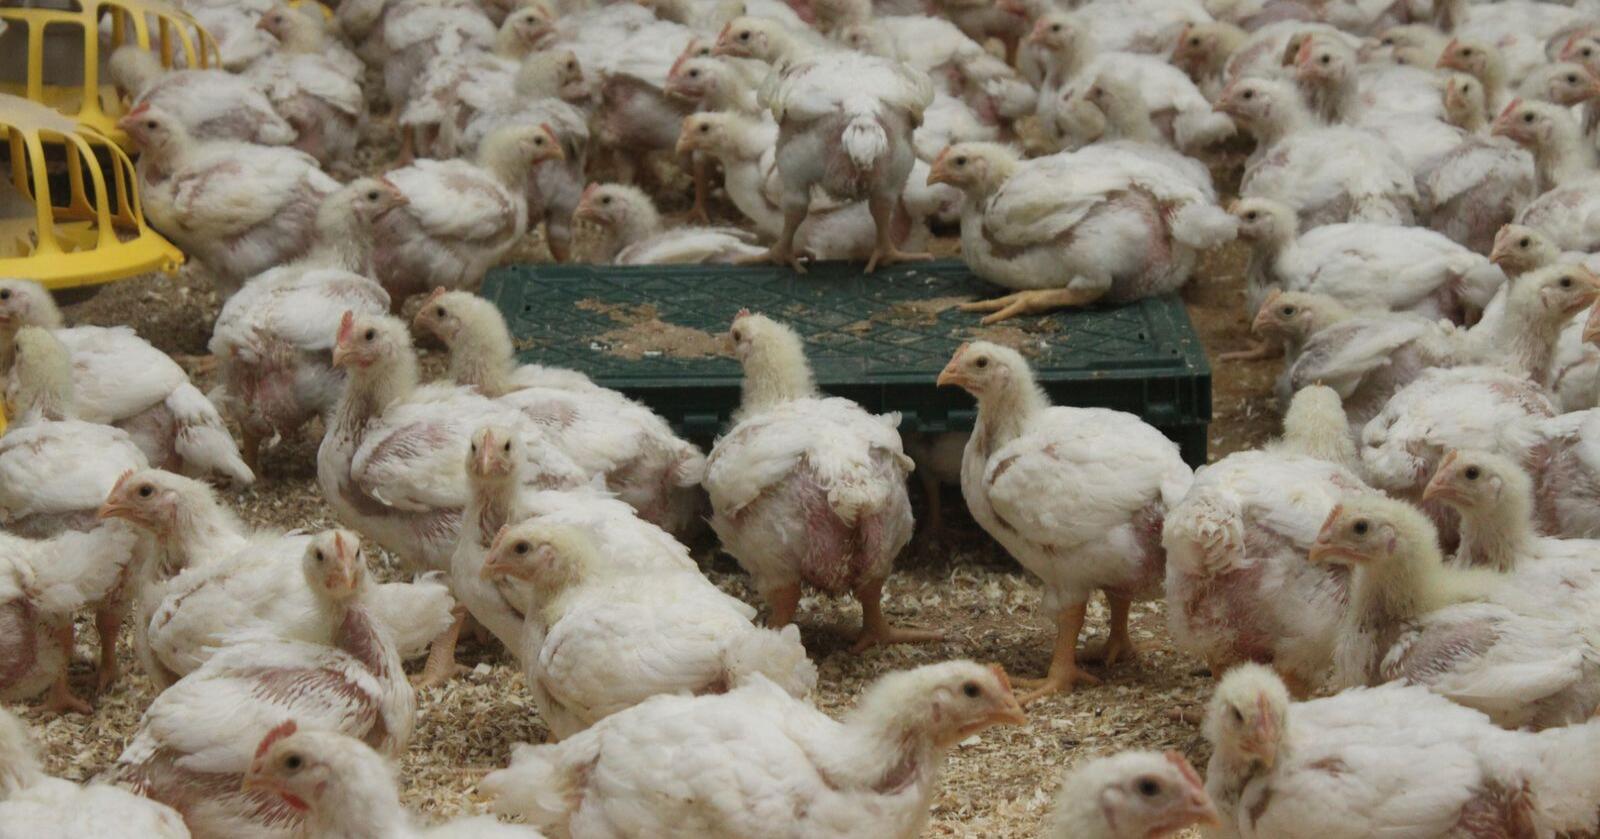 Ross 308 spiser rundt 0,5 kilo mindre fôr for å nå slaktevekta enn hva Hubbard-kyllingen gjør.